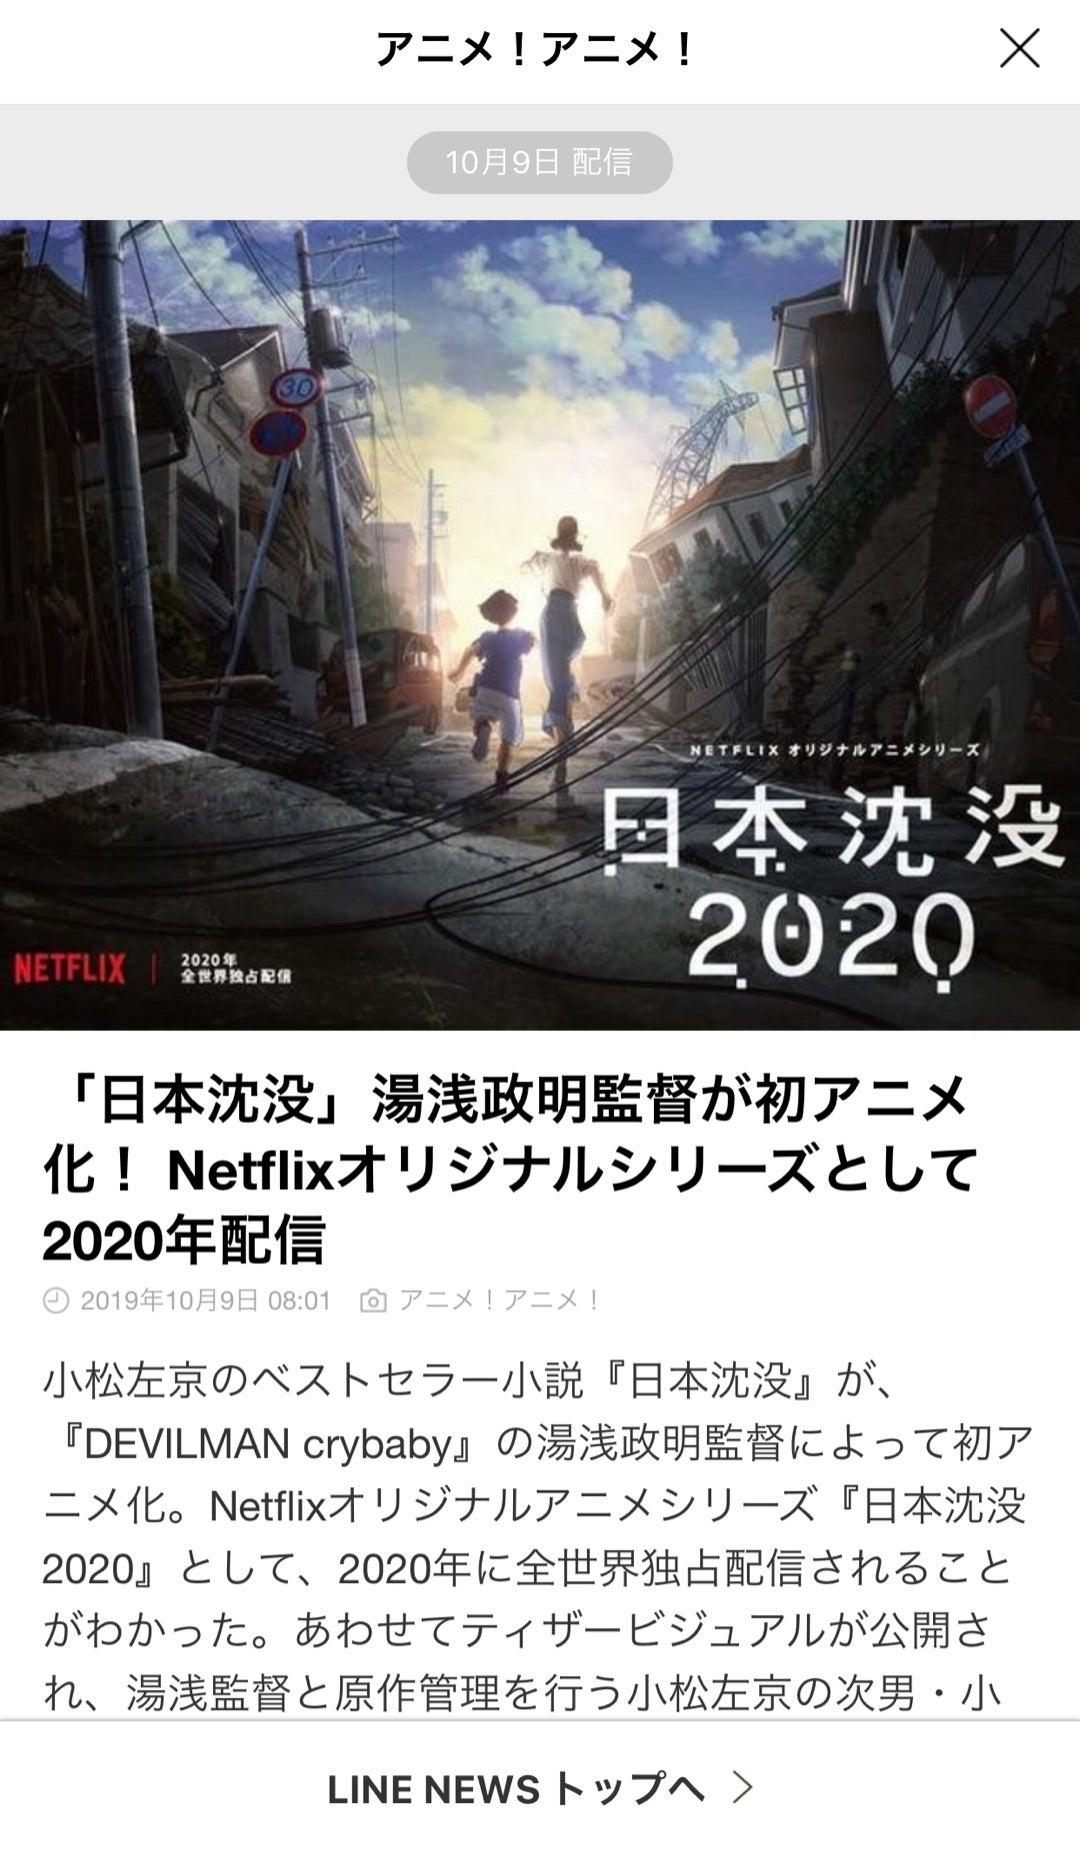 日本 沈没 2020 『日本沈没2020』3話に対する海外の反応「見るのをやめる」